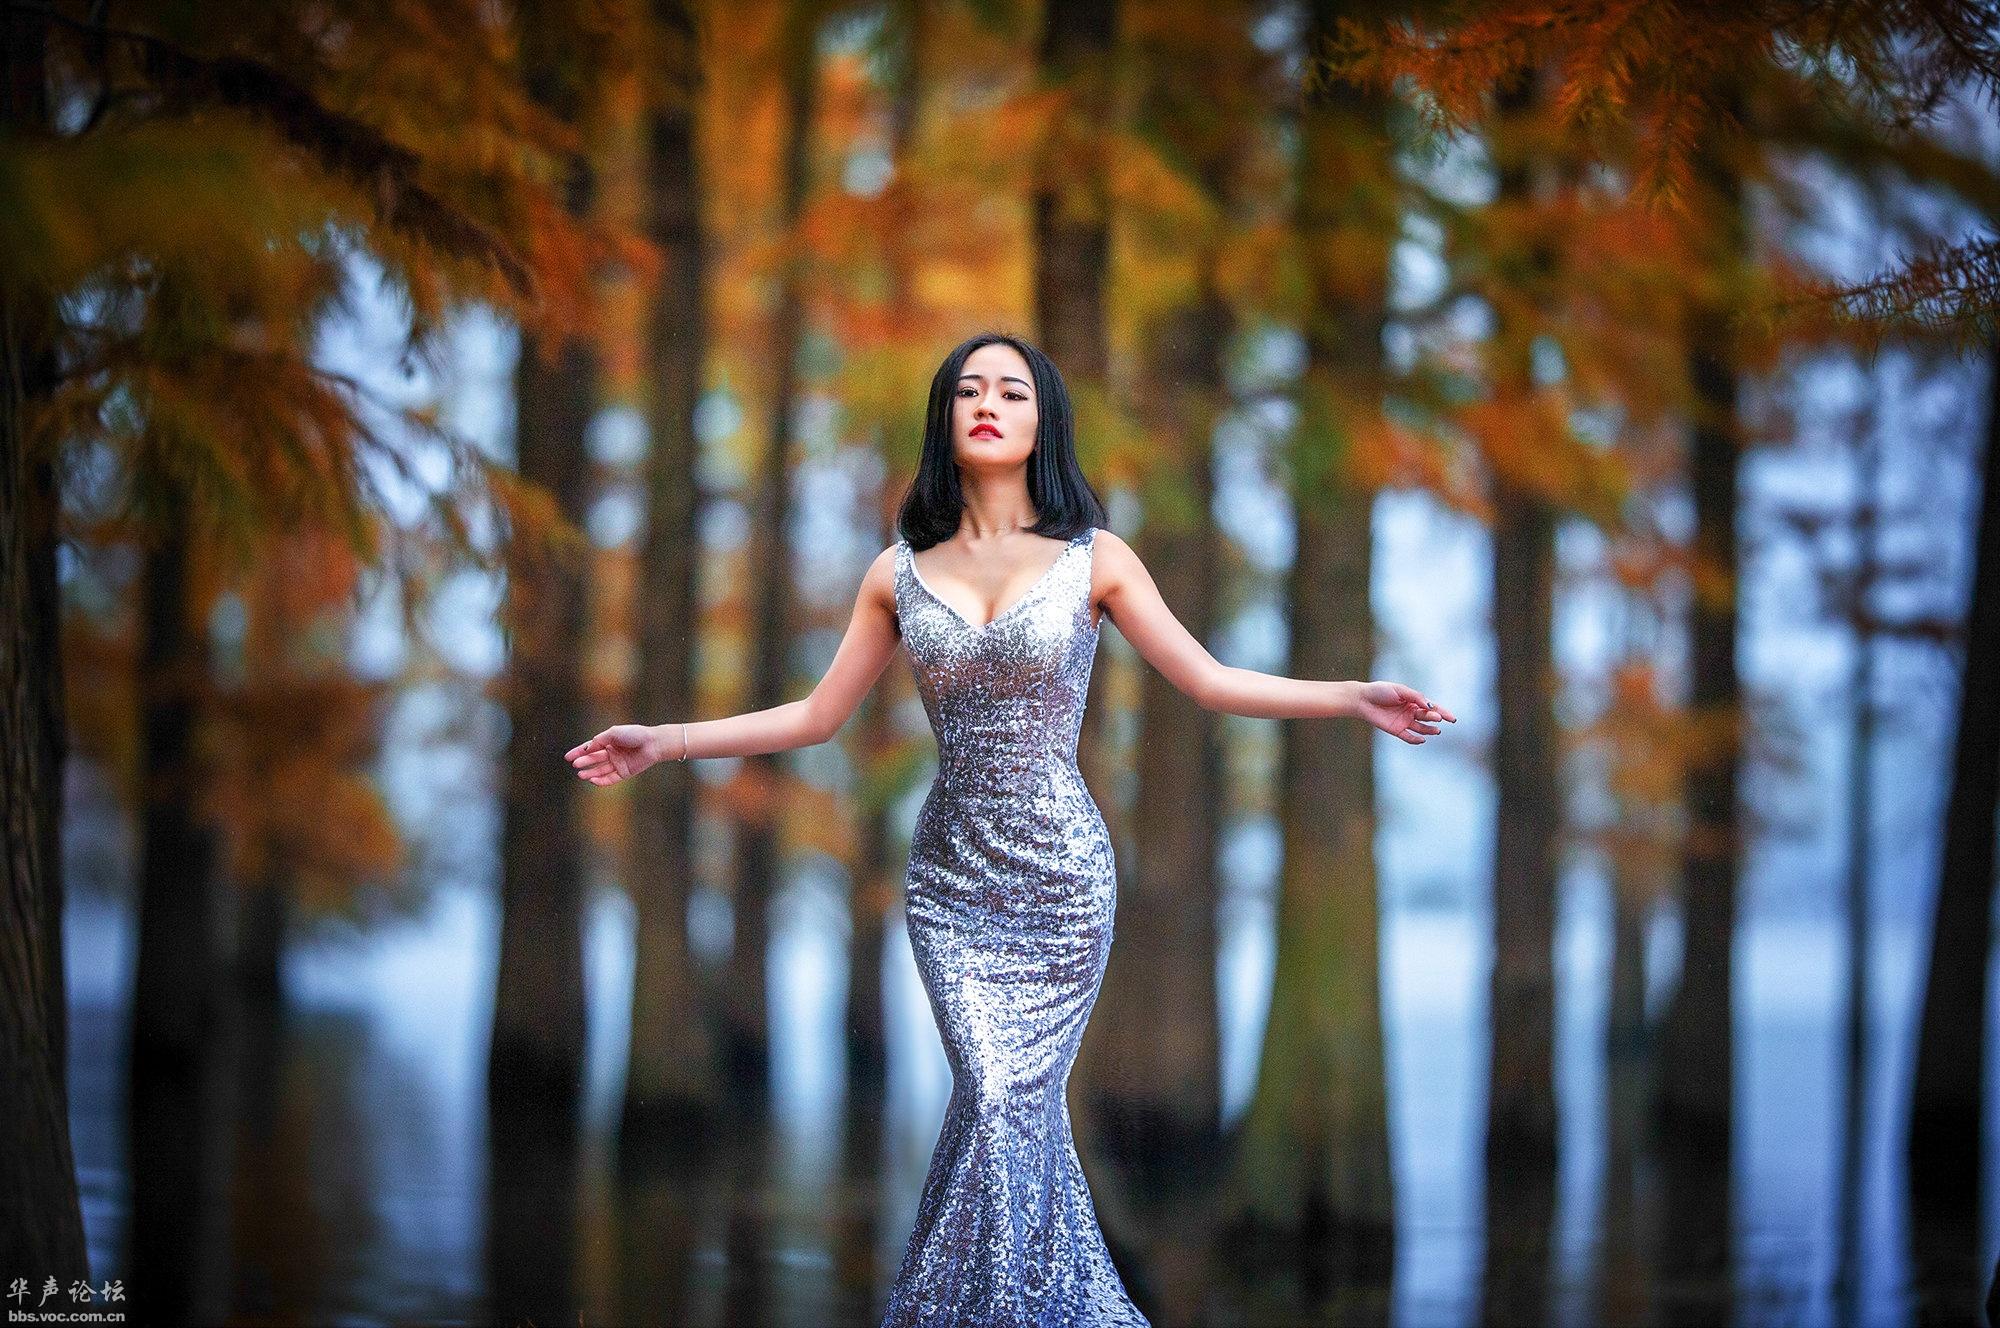 秋水伊人  美在深林 - 花開有聲 - 花開有聲